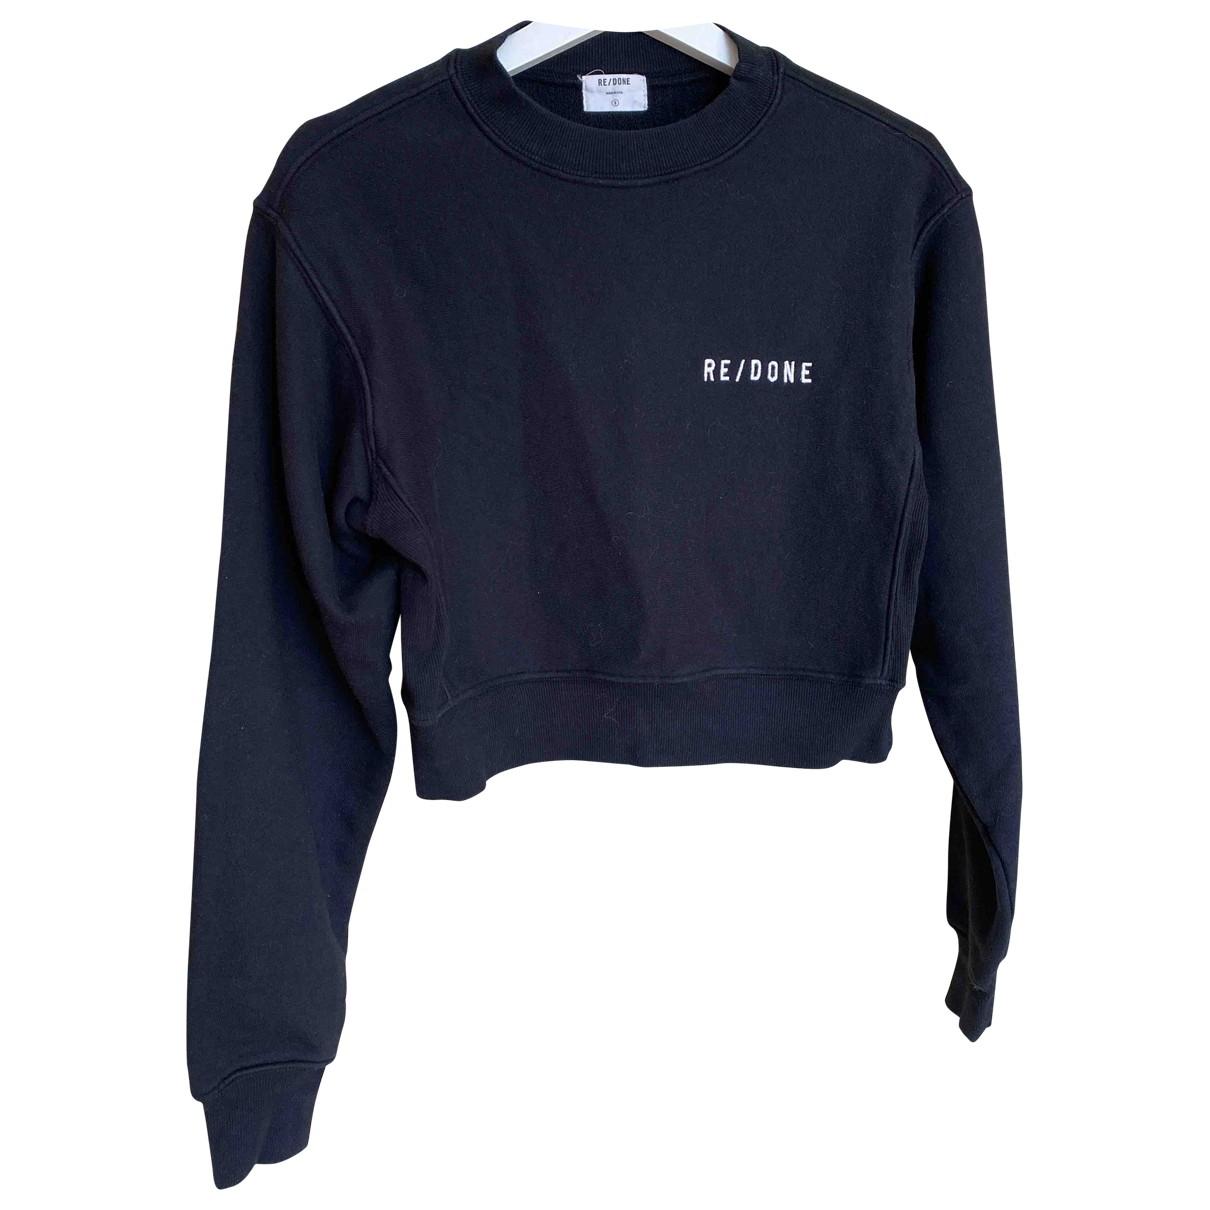 Re/done - Pull   pour femme en coton - noir